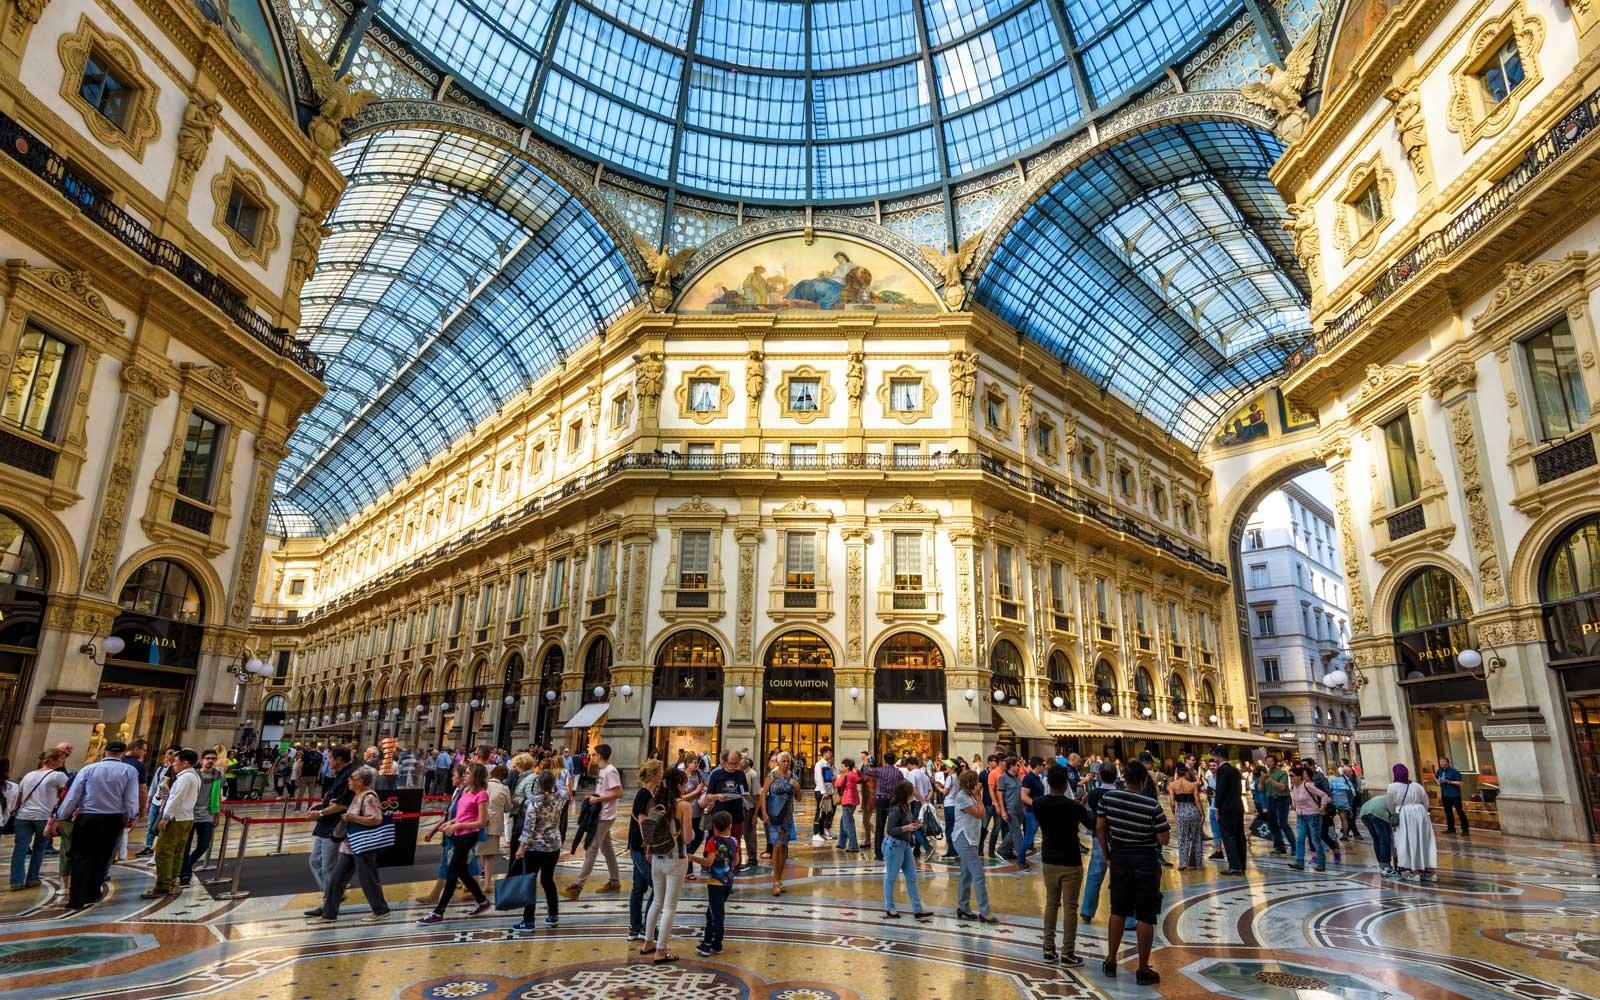 2db0a82a7217e أفضل 10 مدن للتسوق في العالم لعام 2017